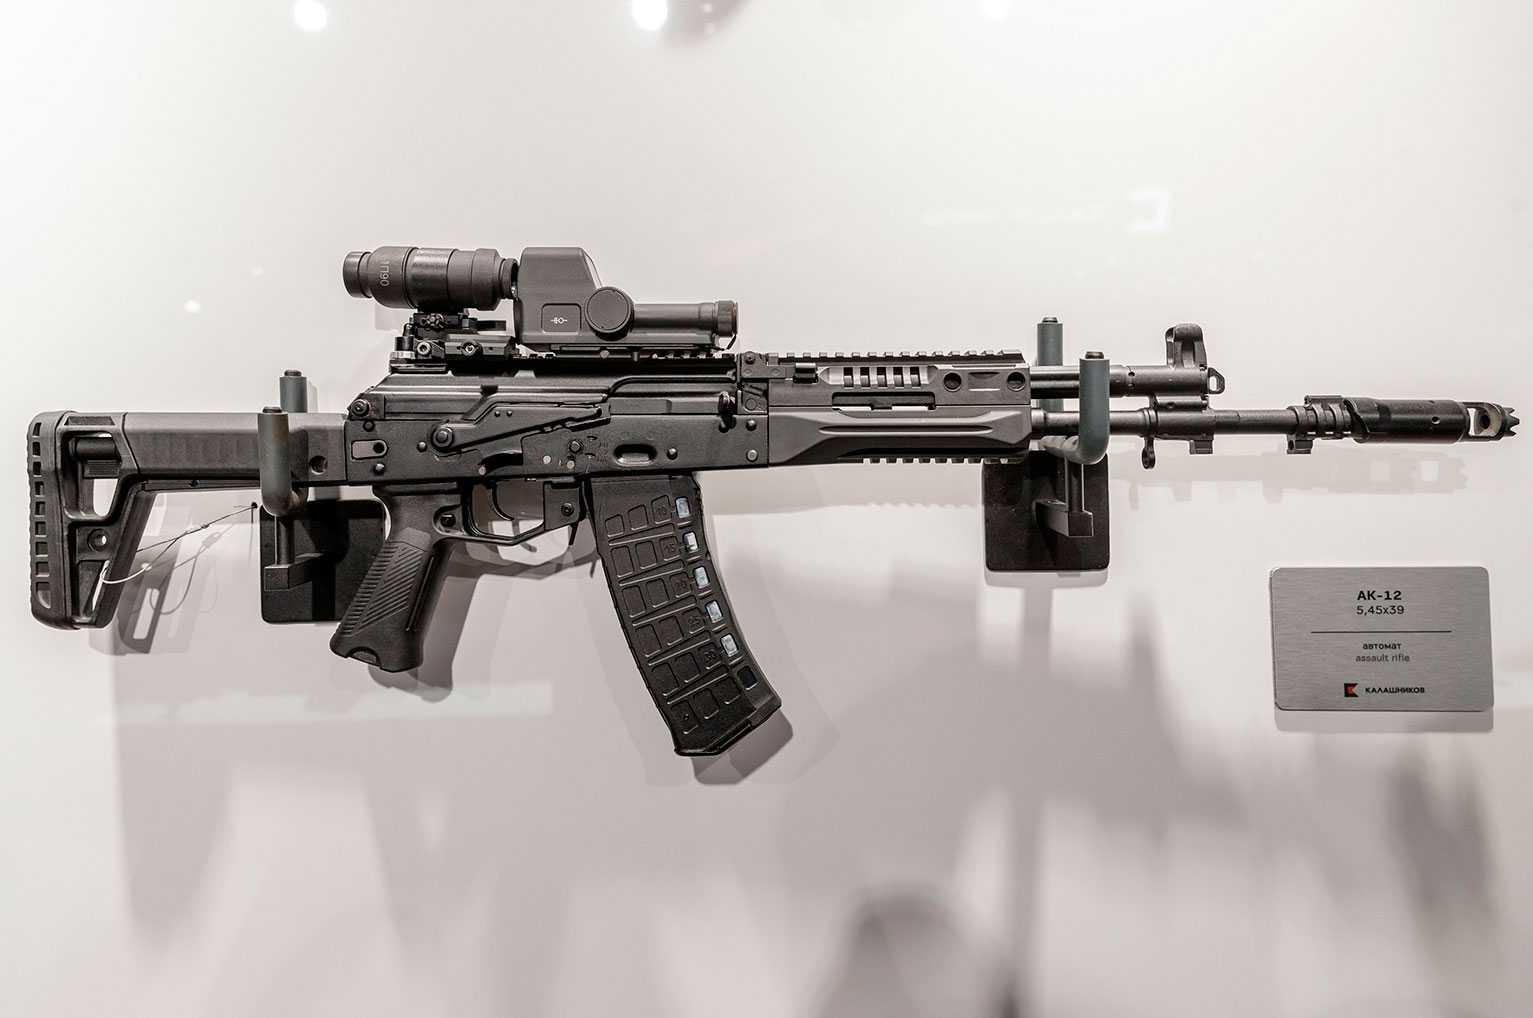 Новейшие Калашниковы станут бестселлерами рынка вооружений